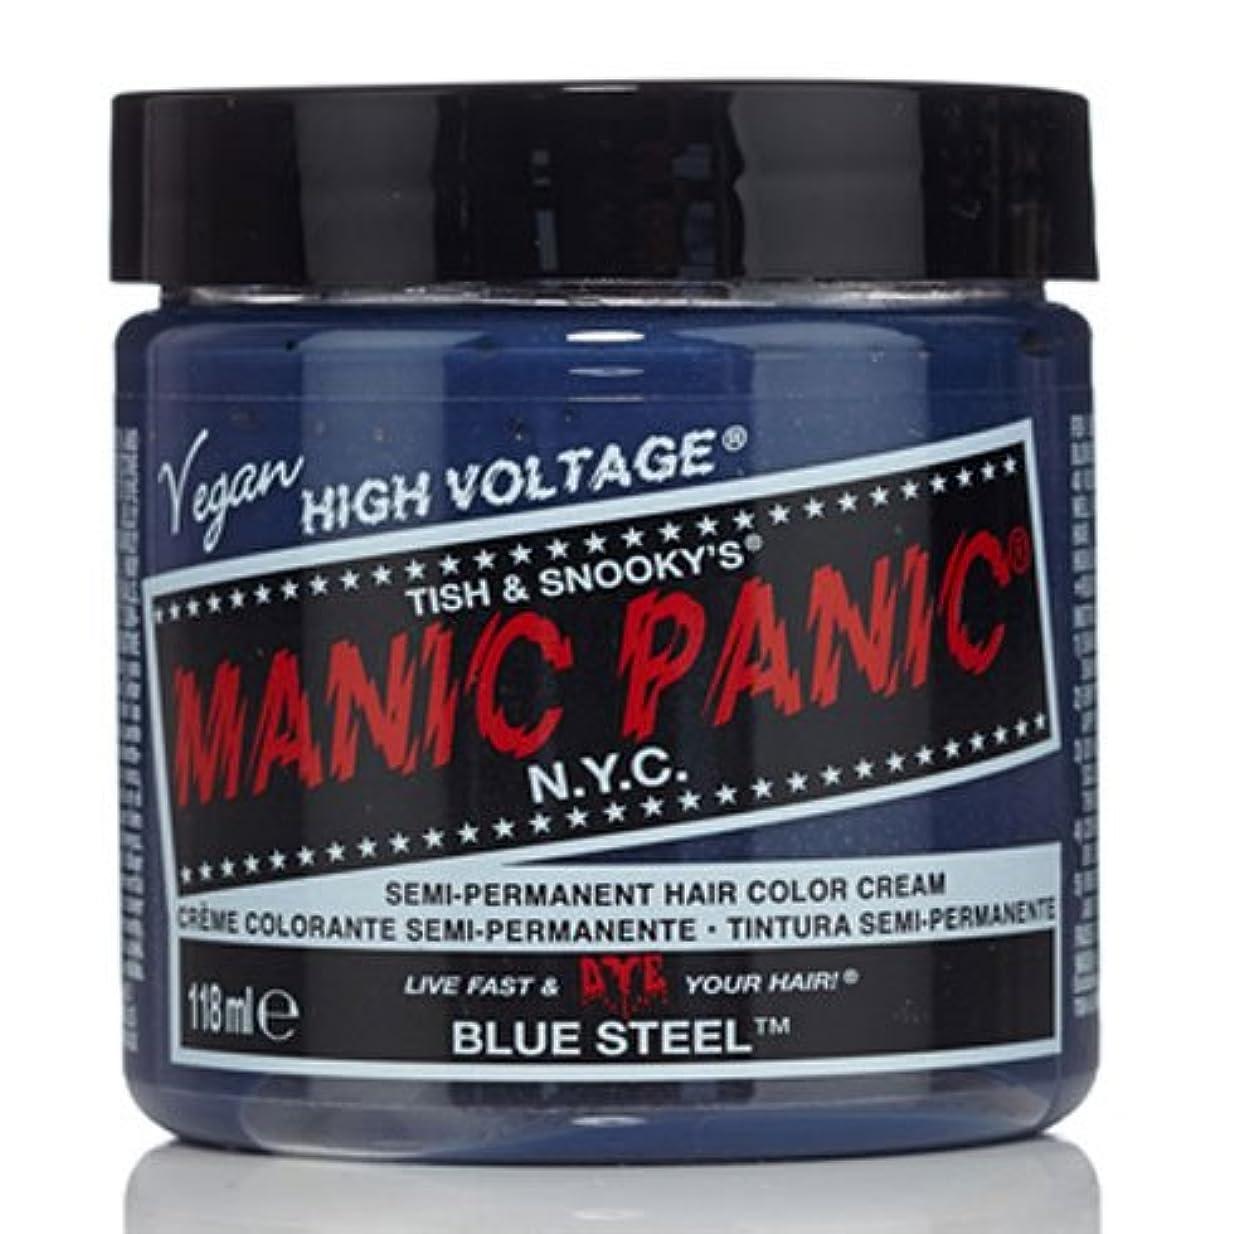 孤独疑わしいそれにもかかわらずスペシャルセットMANIC PANICマニックパニック:BLUE STEEL (ブルースティール)+ヘアカラーケア4点セット